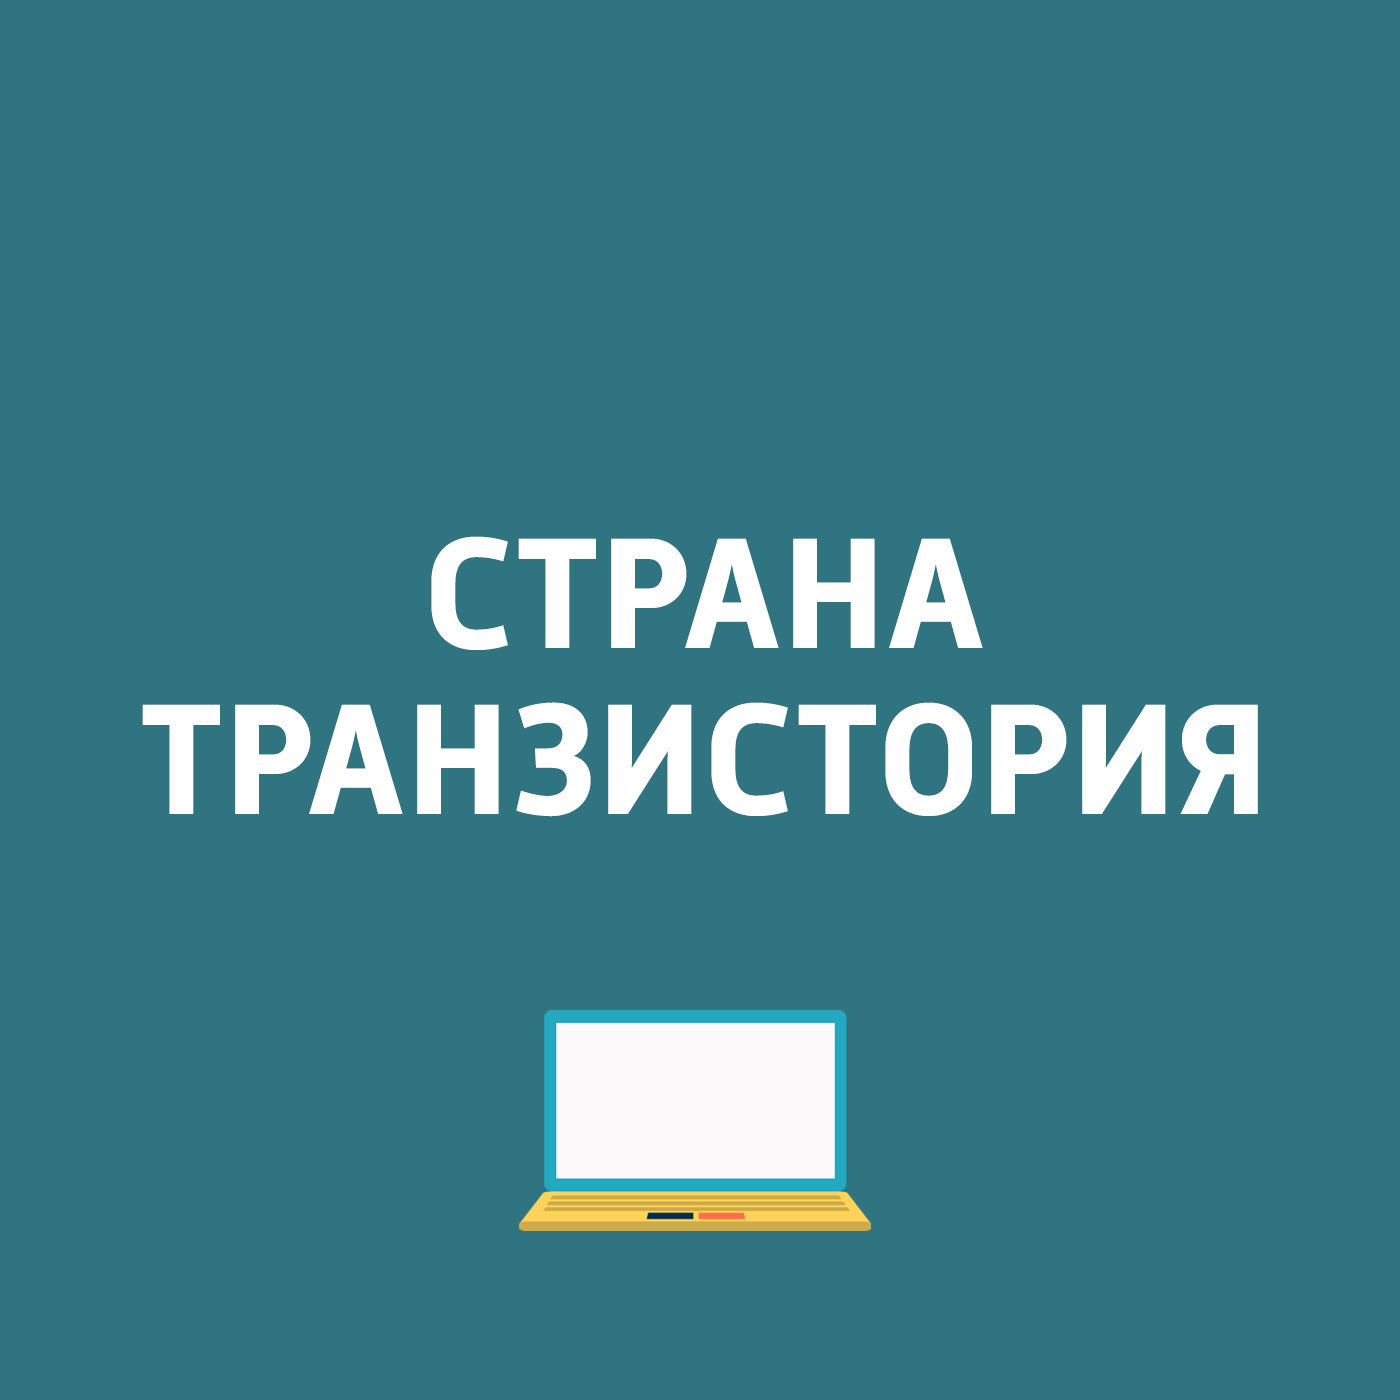 Блокировка контента, запросы в Яндексе, новый iPhone